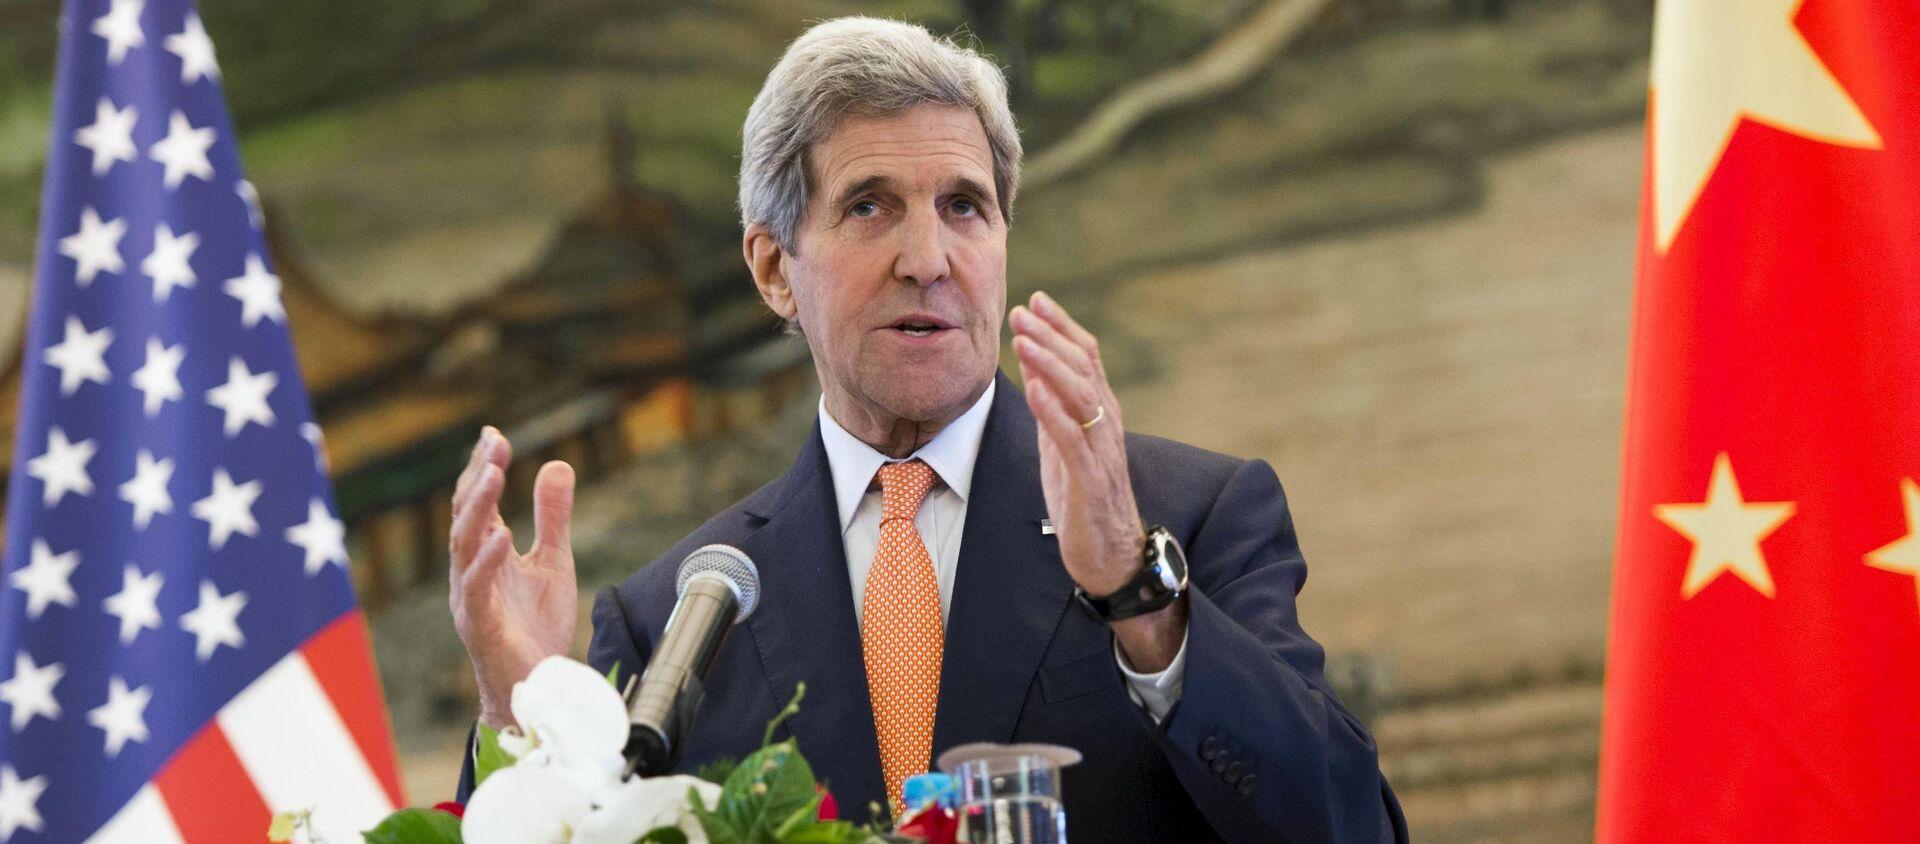 Ngoại trưởng Hoa Kỳ John Kerry phát biểu trong cuộc họp báo chung sau cuộc họp với Bộ trưởng Ngoại giao Trung Quốc Vương Nghị tại Bộ Ngoại giao ở Bắc Kinh, Trung Quốc ngày 16 tháng 5 năm 2015 - Sputnik Việt Nam, 1920, 20.04.2021